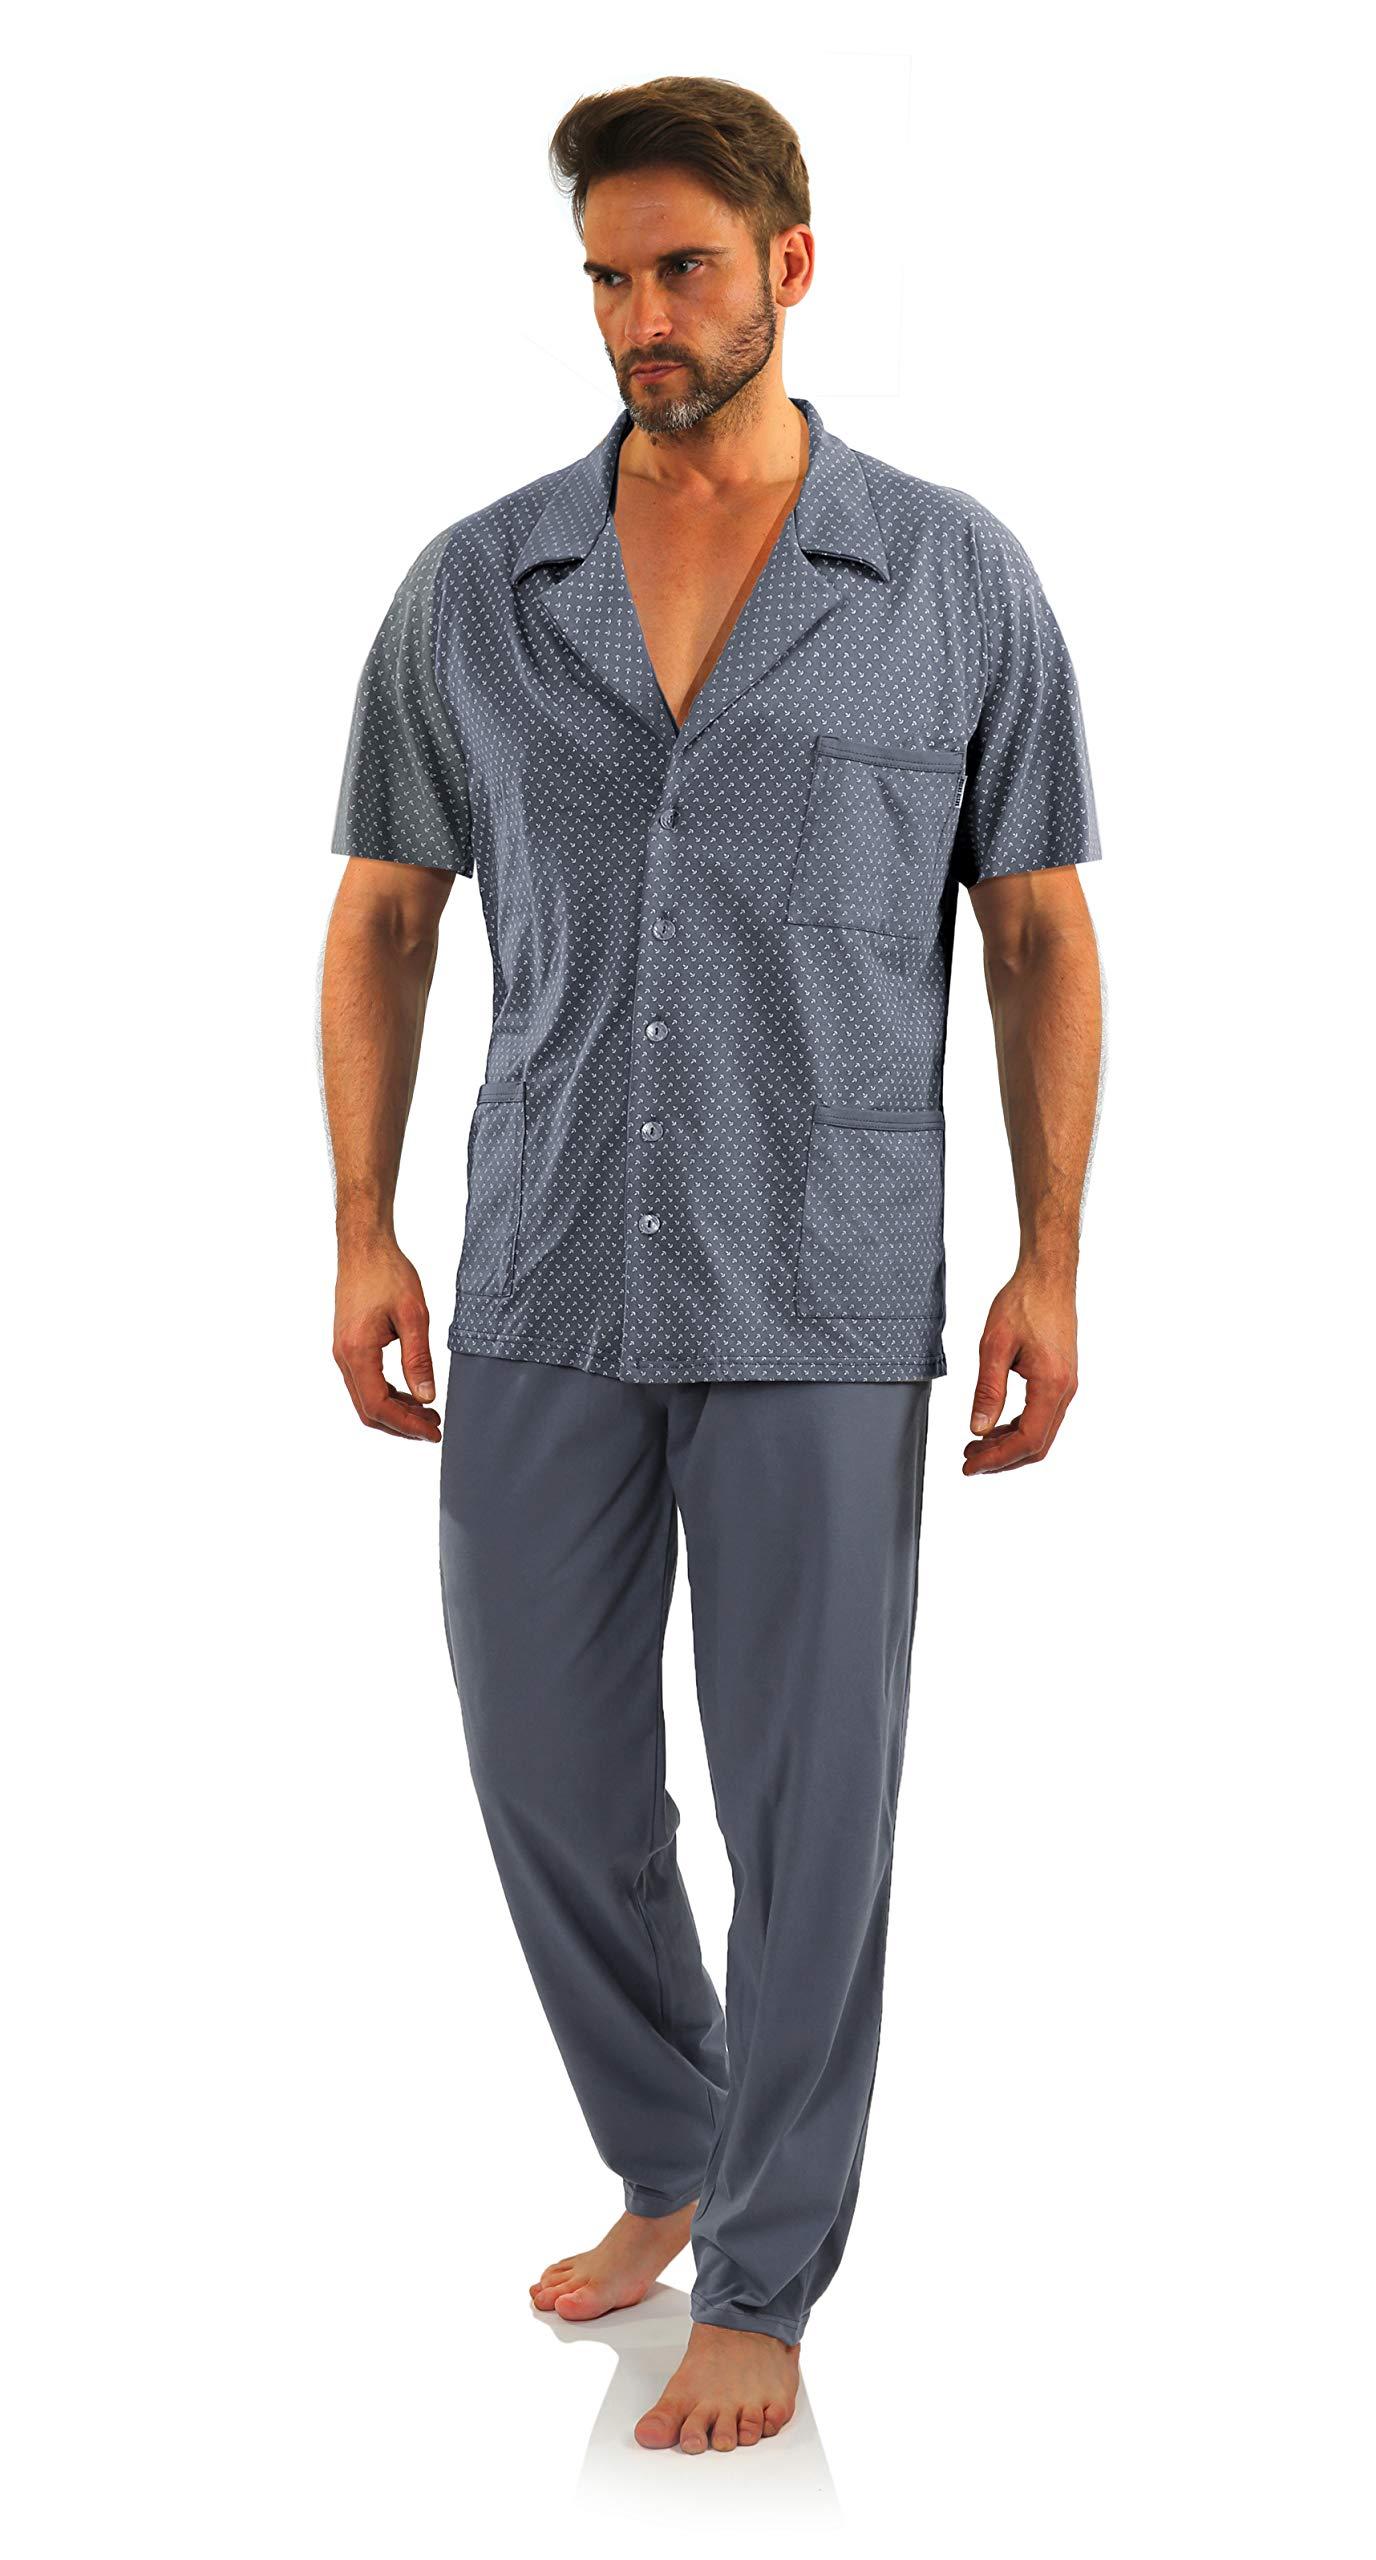 Pyjama Homme Boutonné Devant Coton Manche Courte Pantalon Long